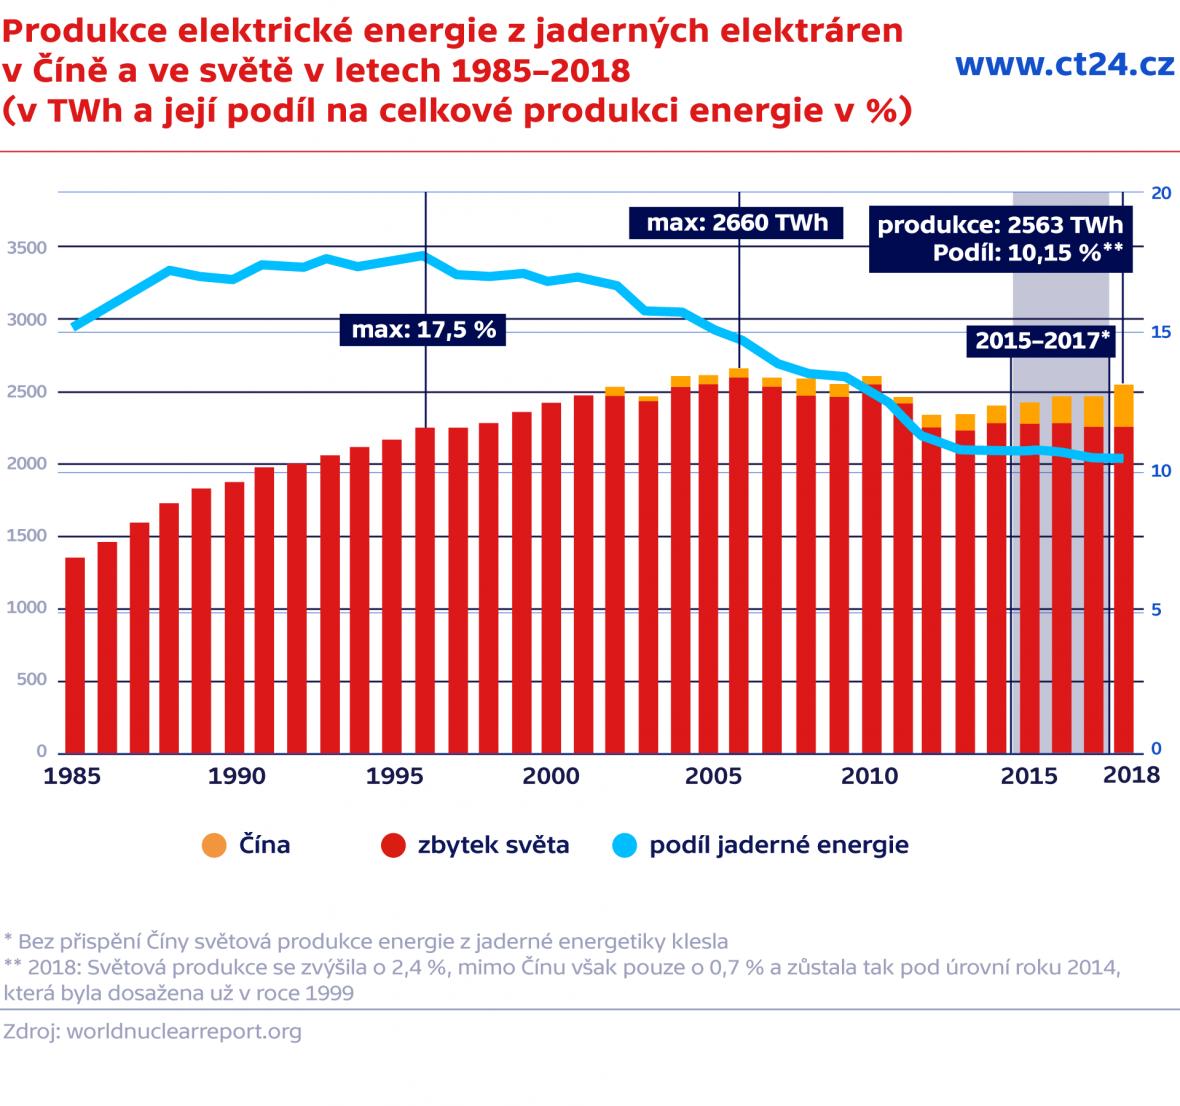 Produkce elektrické energie z jaderných elektráren v Číně a ve světě v letech 1985–2018 (v TWh a její podíl na celkové produkci energie v %)